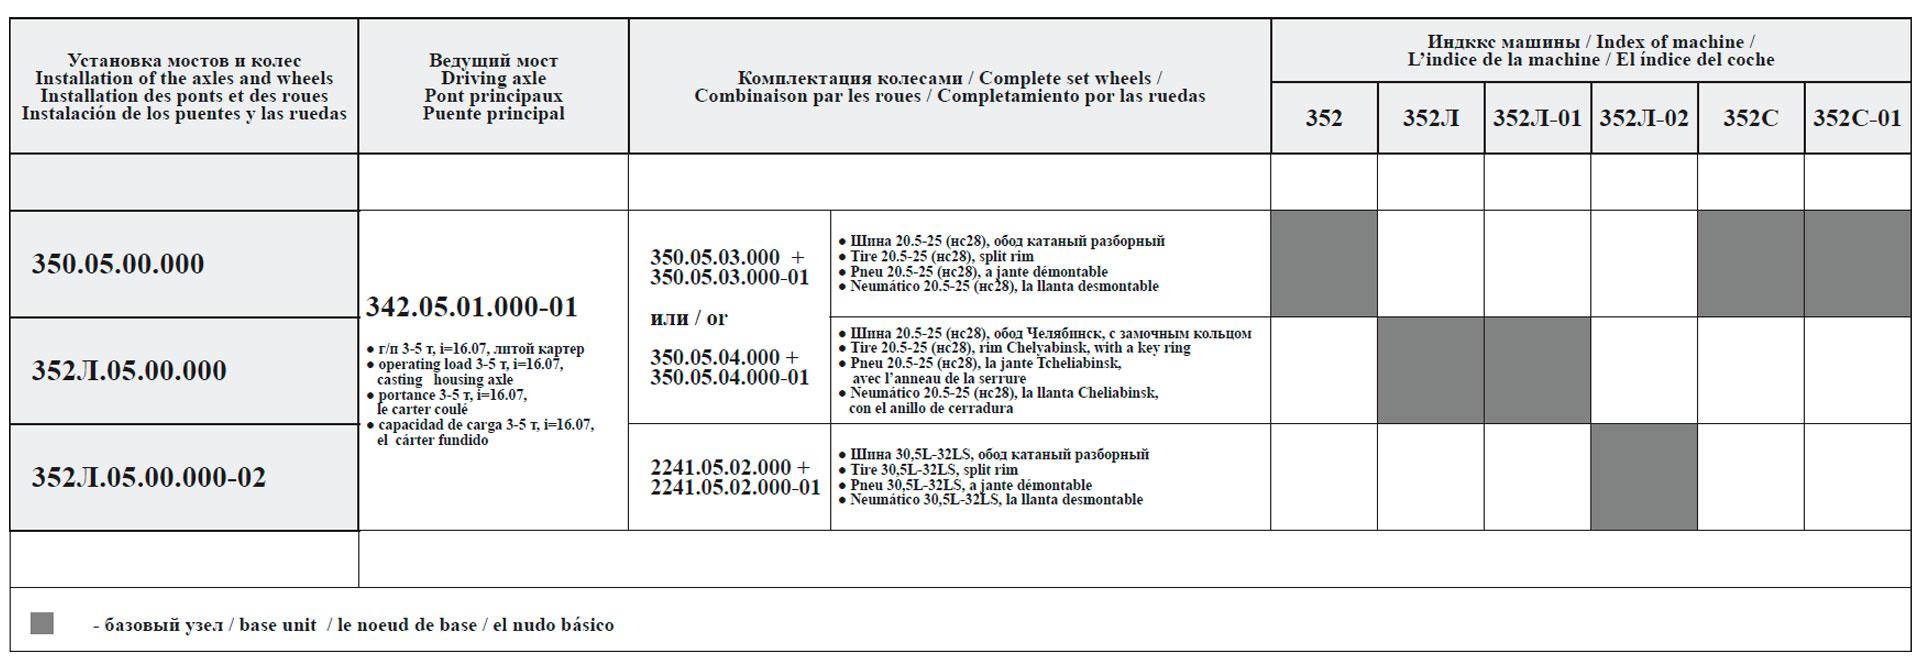 Сводная таблица комплектации ведущими мостами и колесами машин грузоподъемностью 5 т